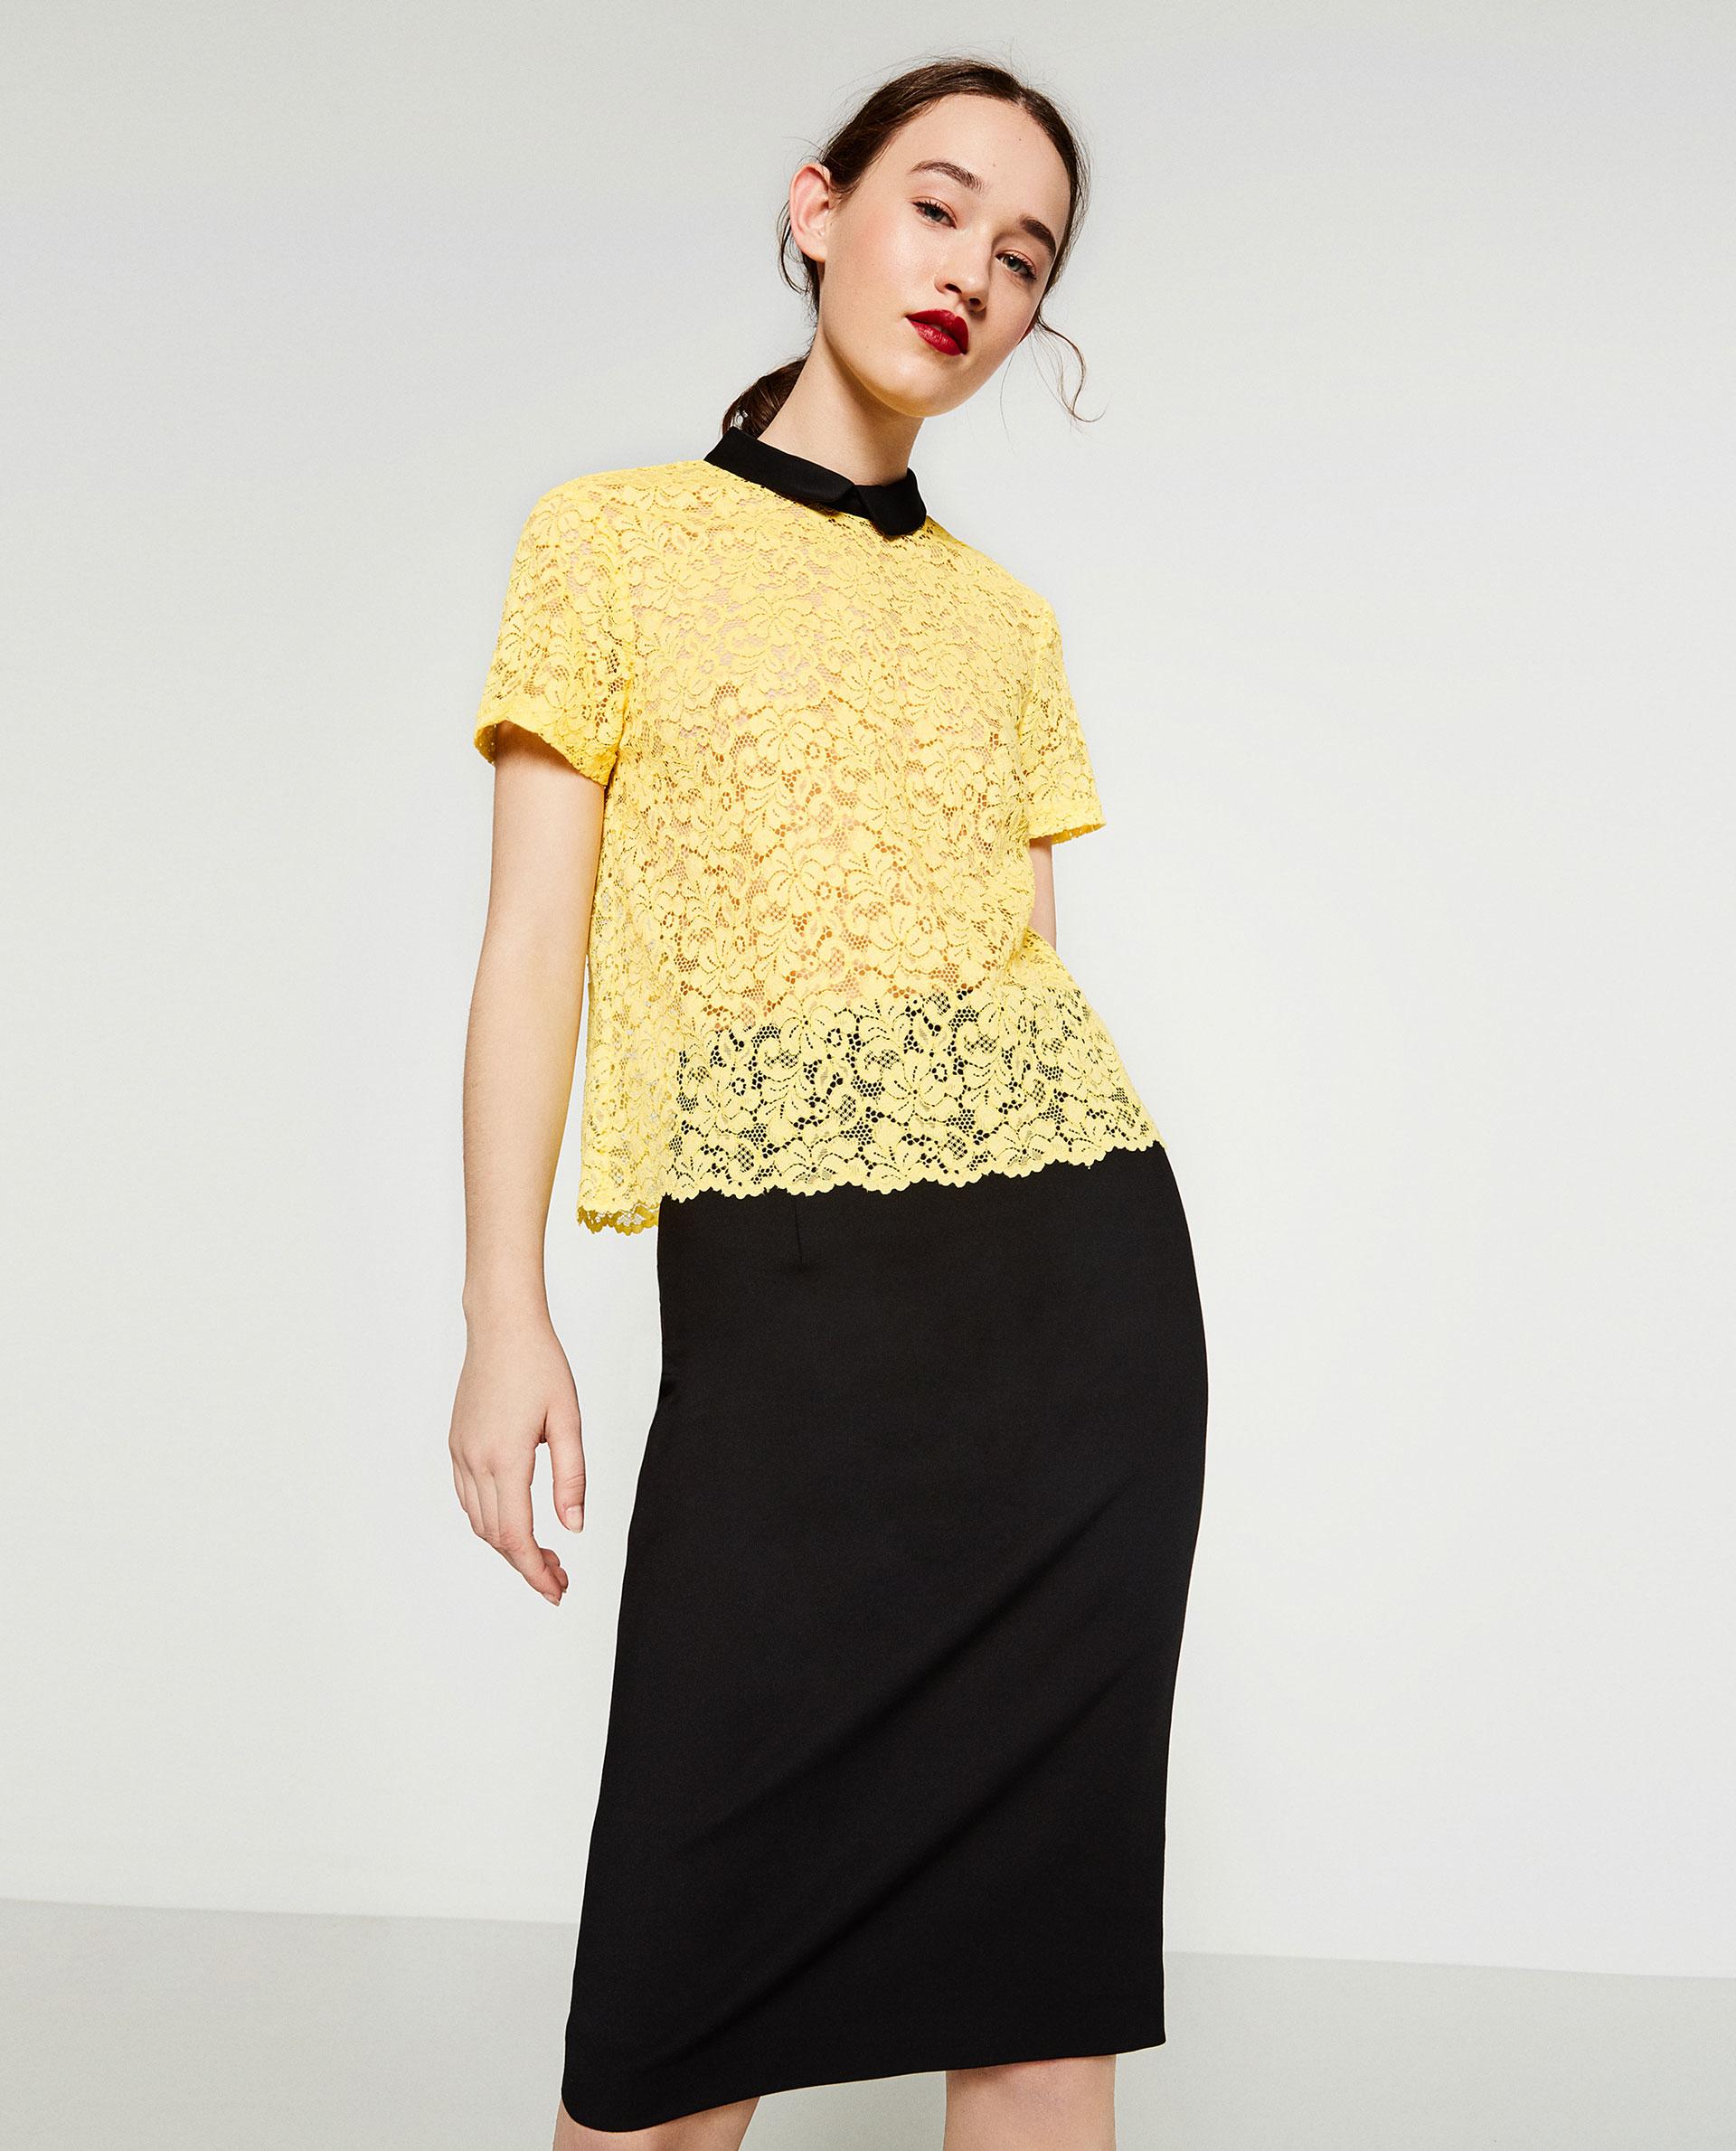 Zara Yellow Lace Blouse 105